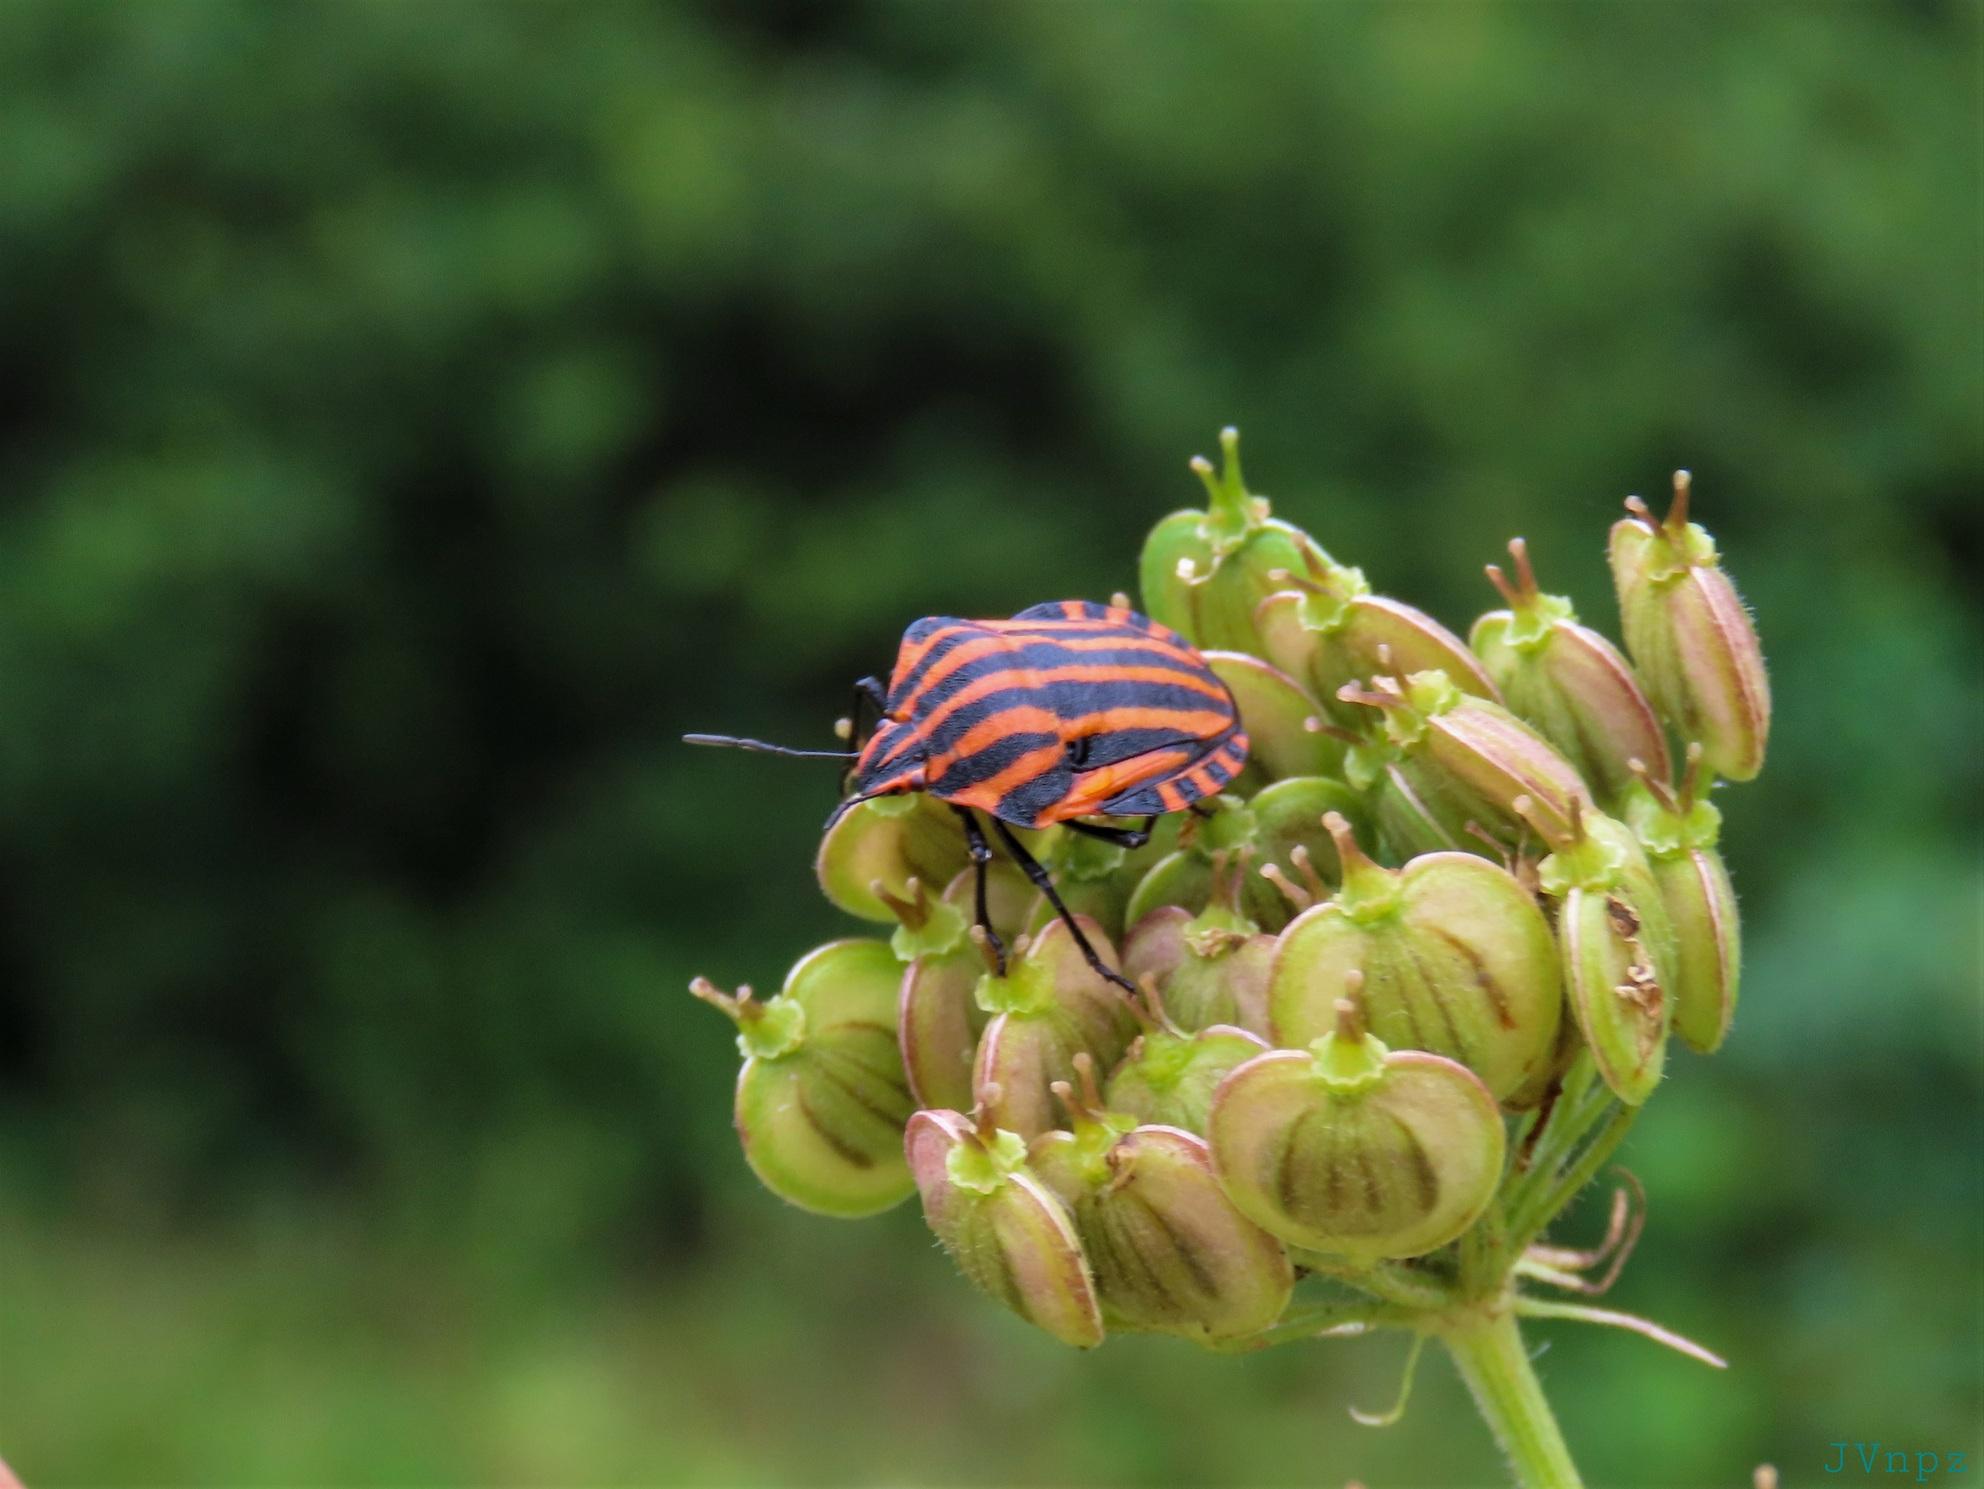 Pyjamawants - Pyjamaschildwants - foto door Vissernpz op 08-04-2021 - locatie: Stichtingsterein Assen - deze foto bevat: pyjamaschildwants, pyjama, natuur, groen, insect, wants, bloem, macro, fabriek, bestuiver, bloem, insect, geleedpotigen, bloemblaadje, plaag, terrestrische plant, kruidachtige plant, insect met membraanvleugels